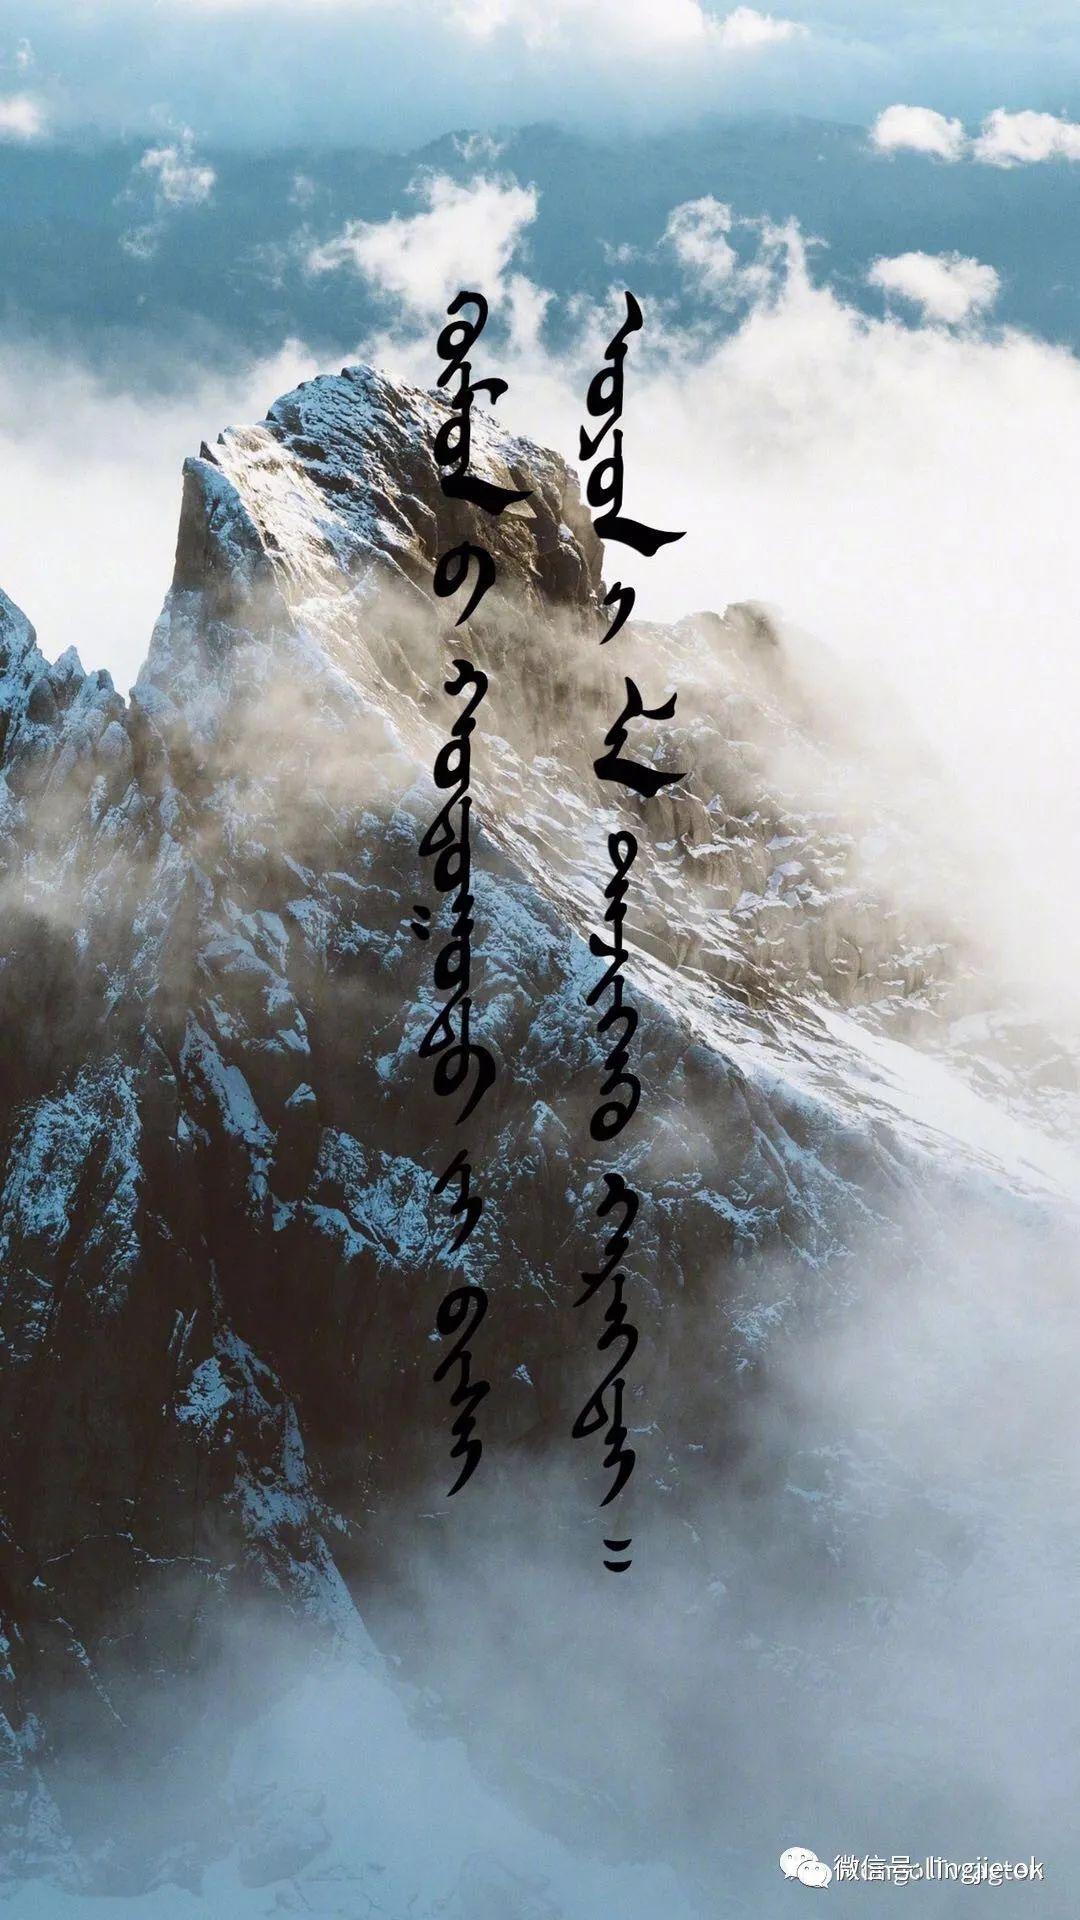 蒙古语地名汉译过程中的种种现象 第8张 蒙古语地名汉译过程中的种种现象 蒙古文化